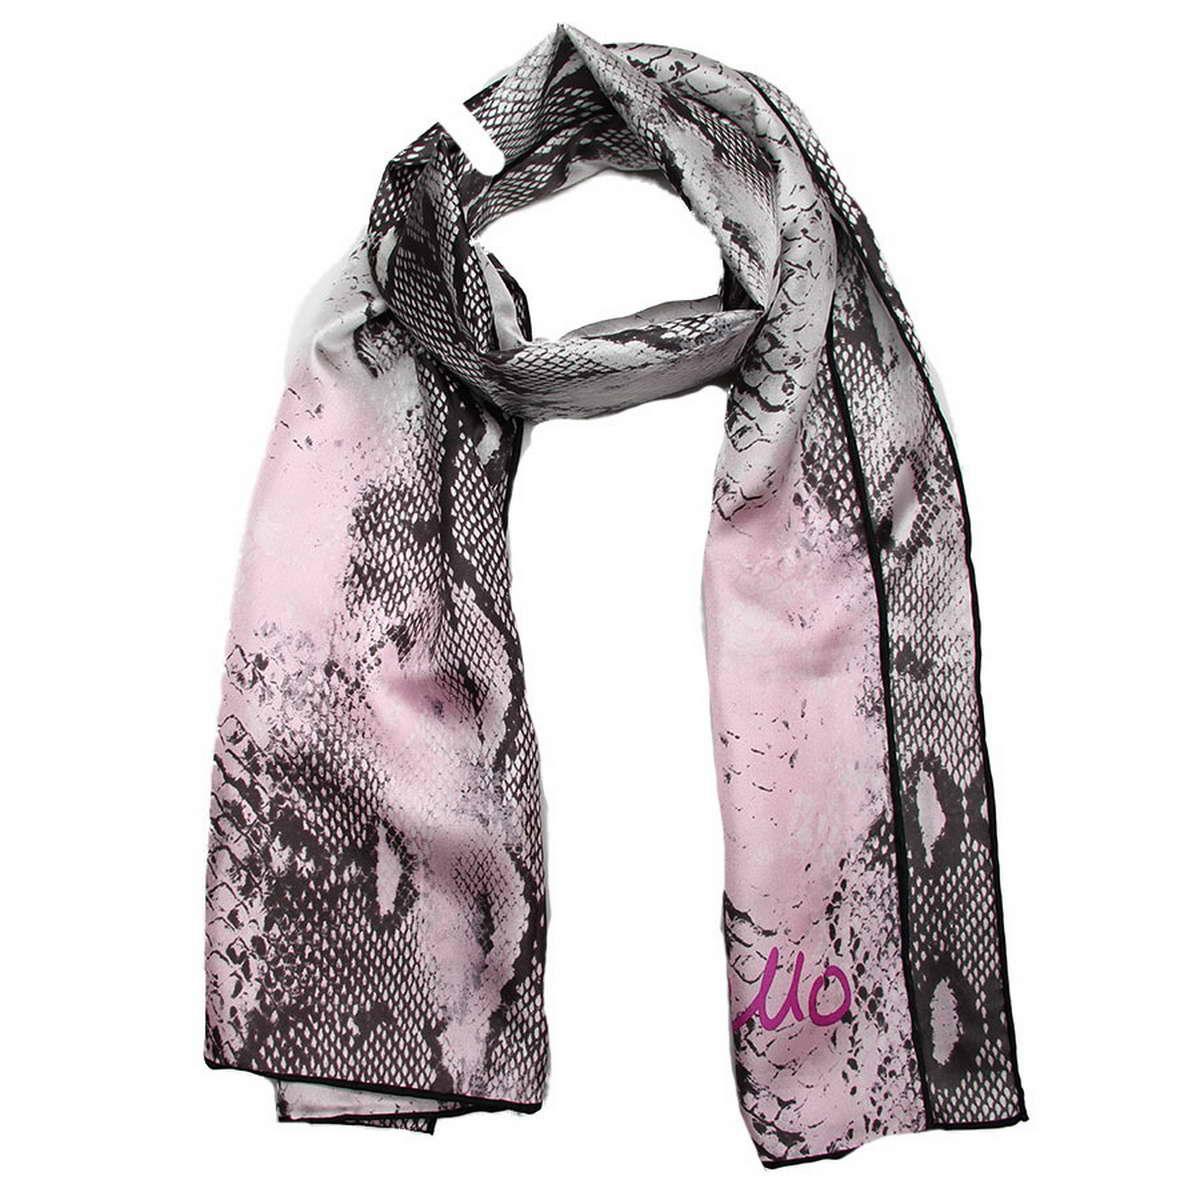 Шарф. 4900471-24900471-2Женский аксессуар будет практичным и женственным дополнением к Вашему образу. Шелковый шарф с анималистическим принтом, выполнен из нежного шелка, имеет небольшие размеры.